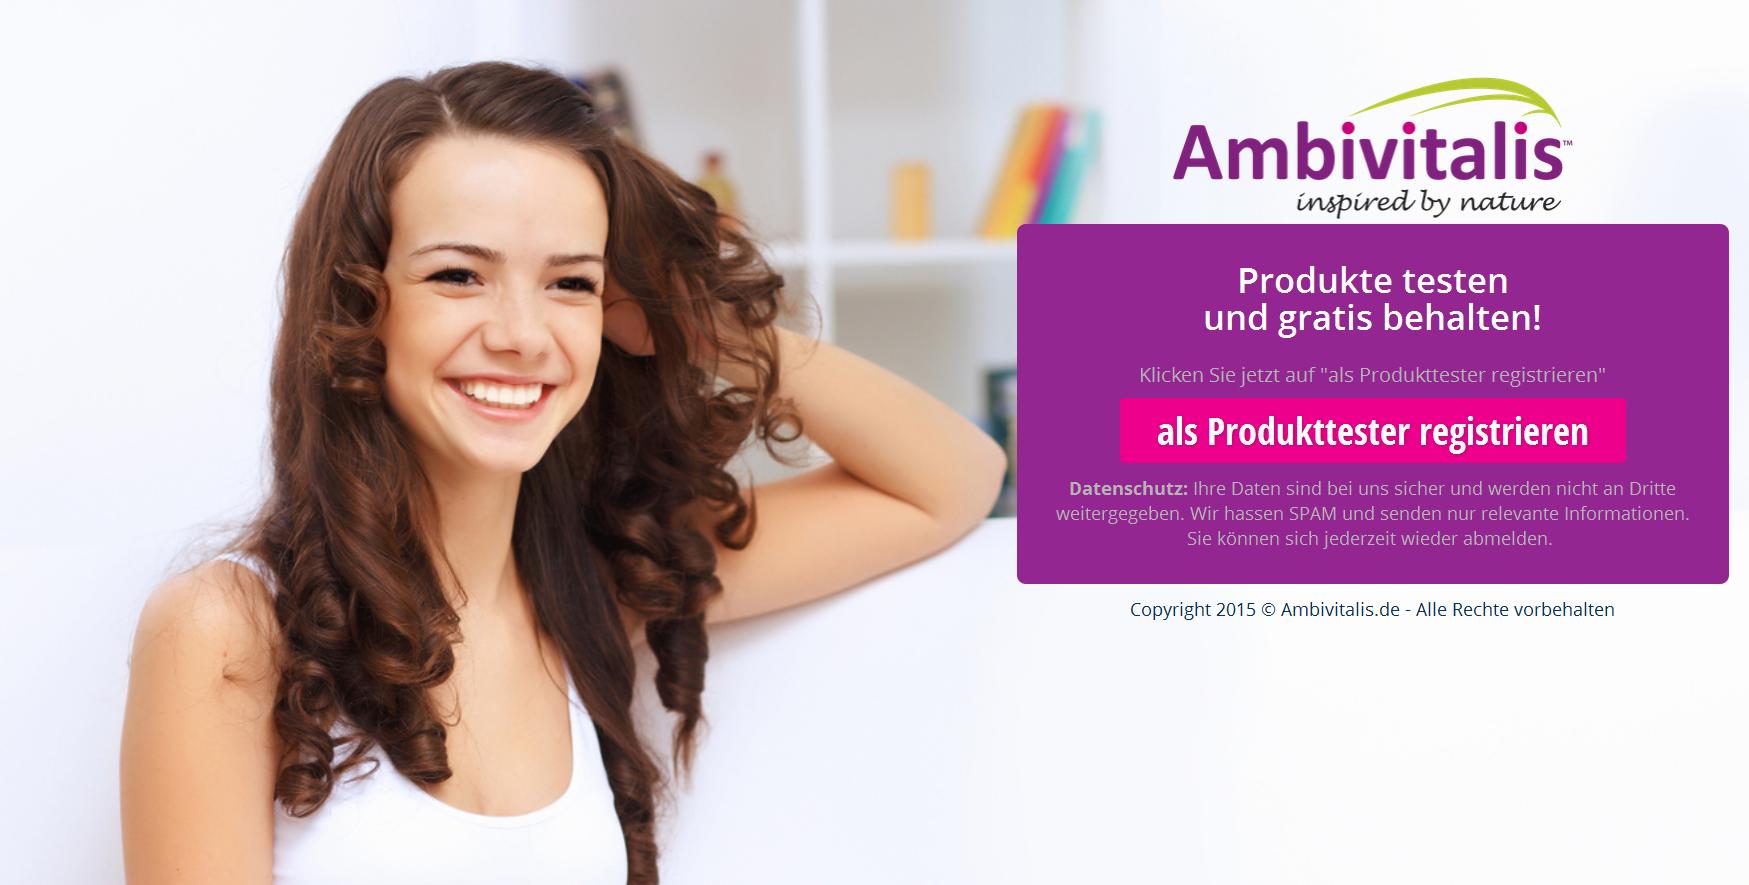 gratis produkte testen und behalten